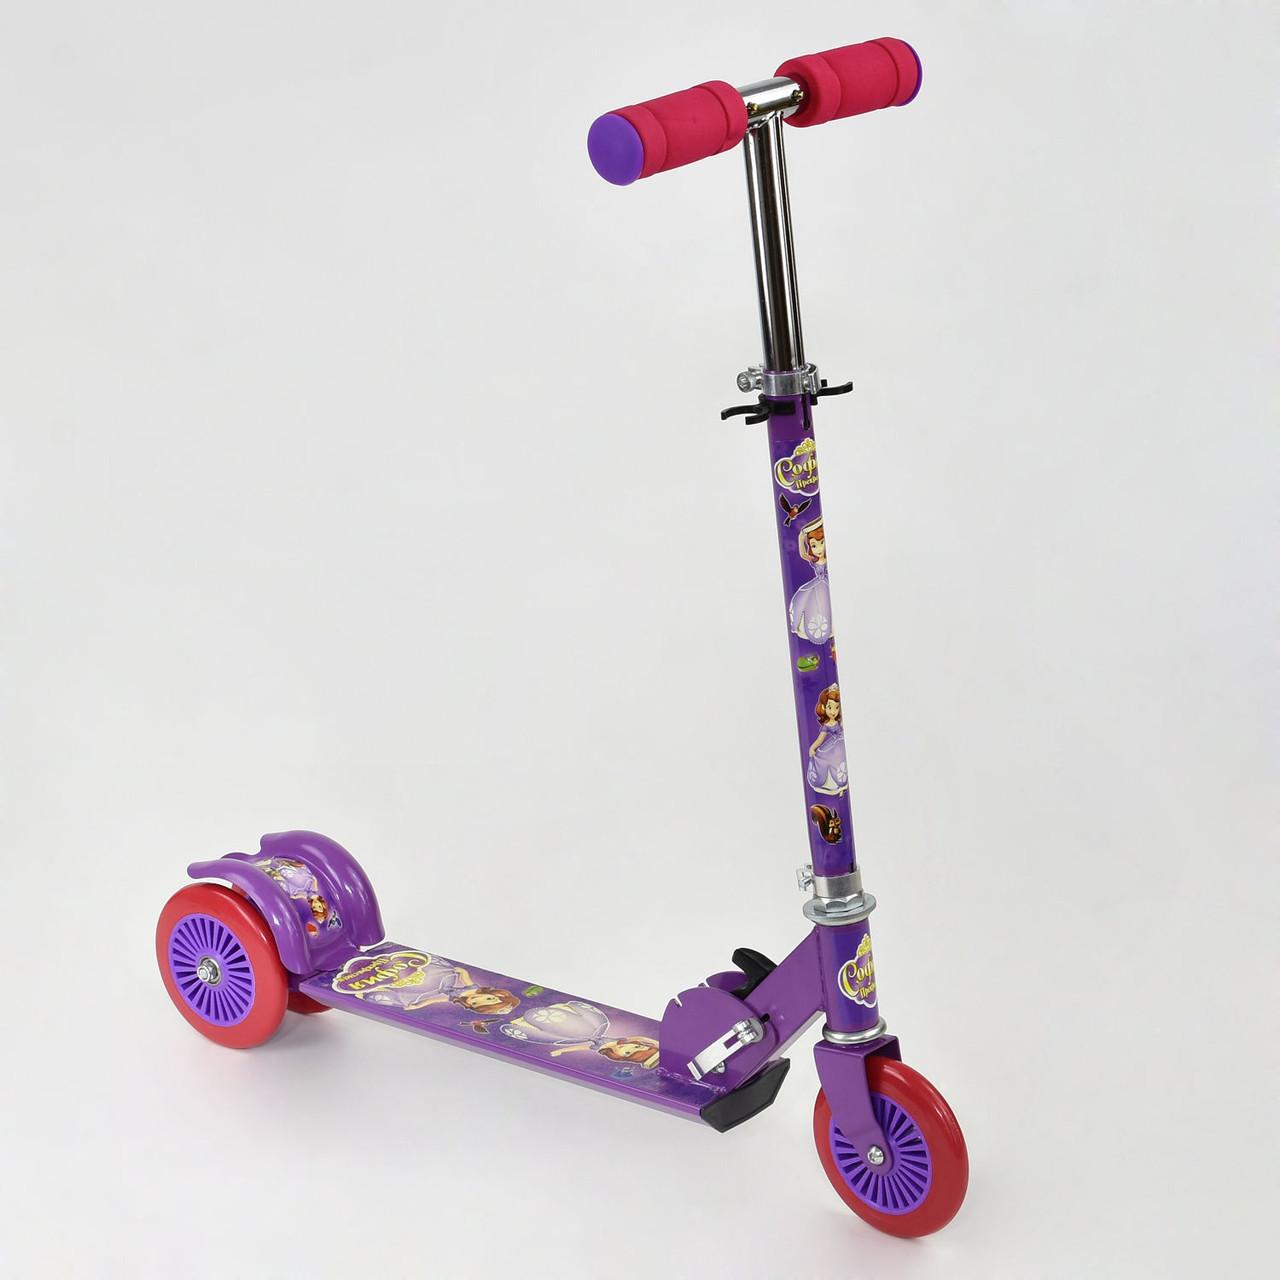 Самокат детский 466-363 Фиолетовый София Металлический Колеса PVC 12.5см Быстрая доставка